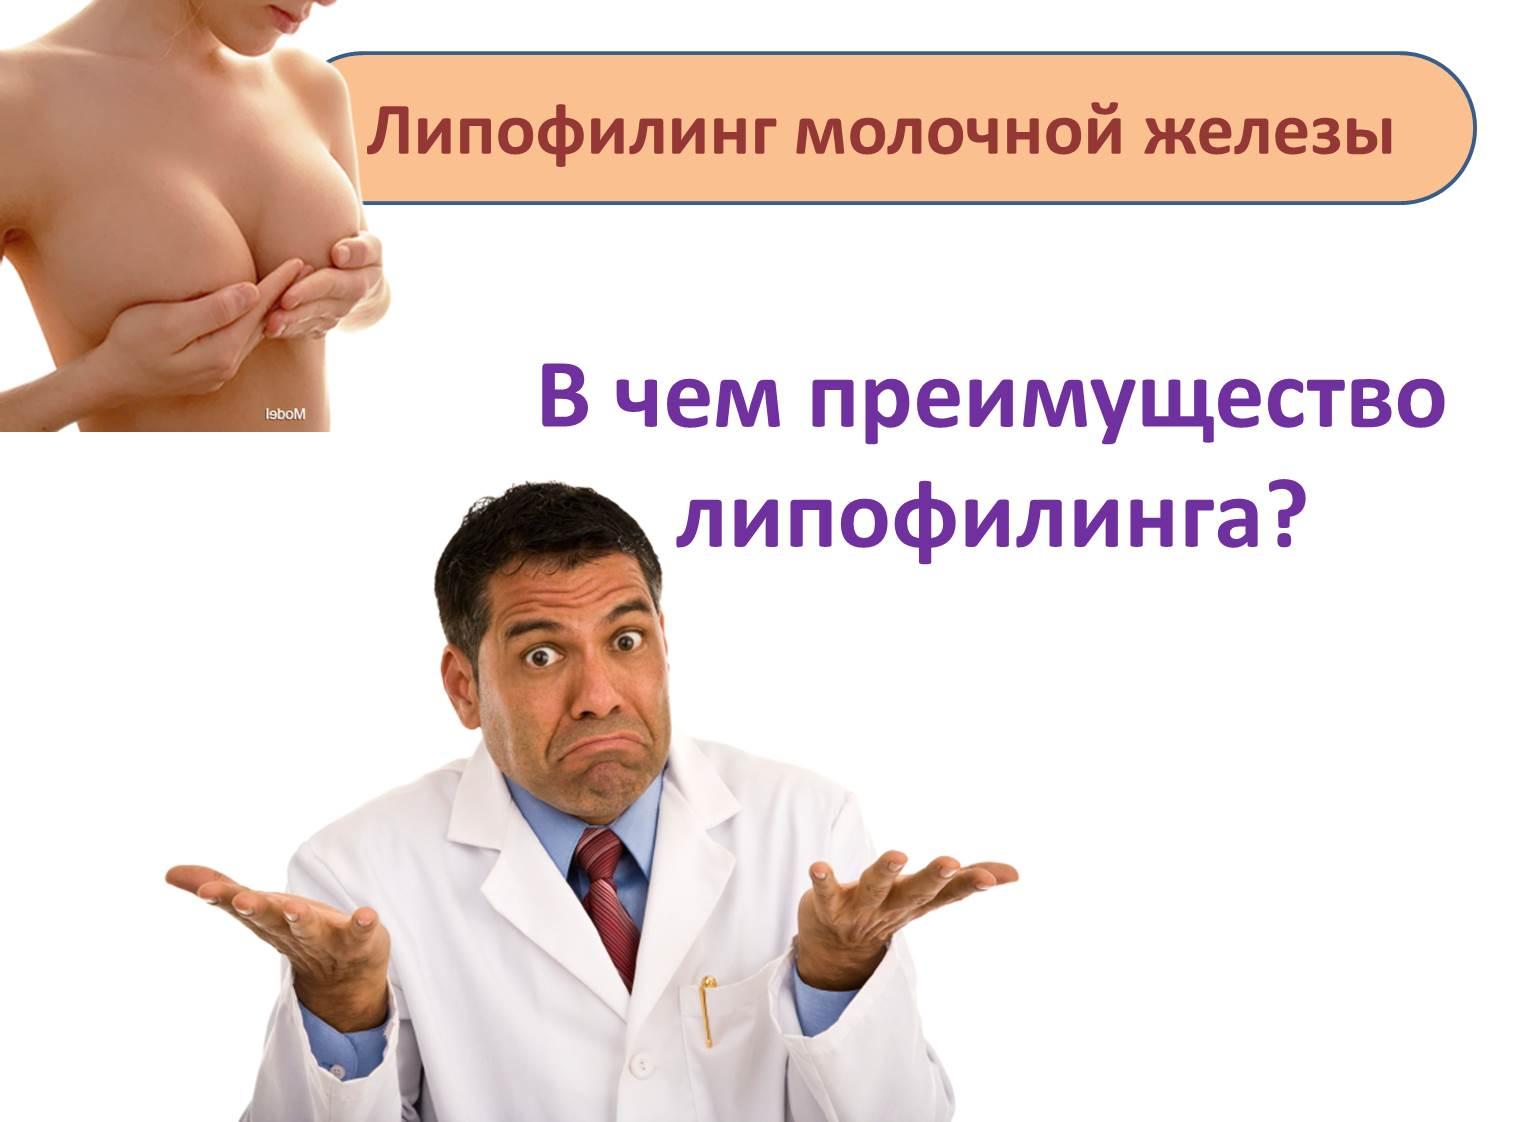 Применение липофилинга у больных раком молочной железы после лучевой терапии.